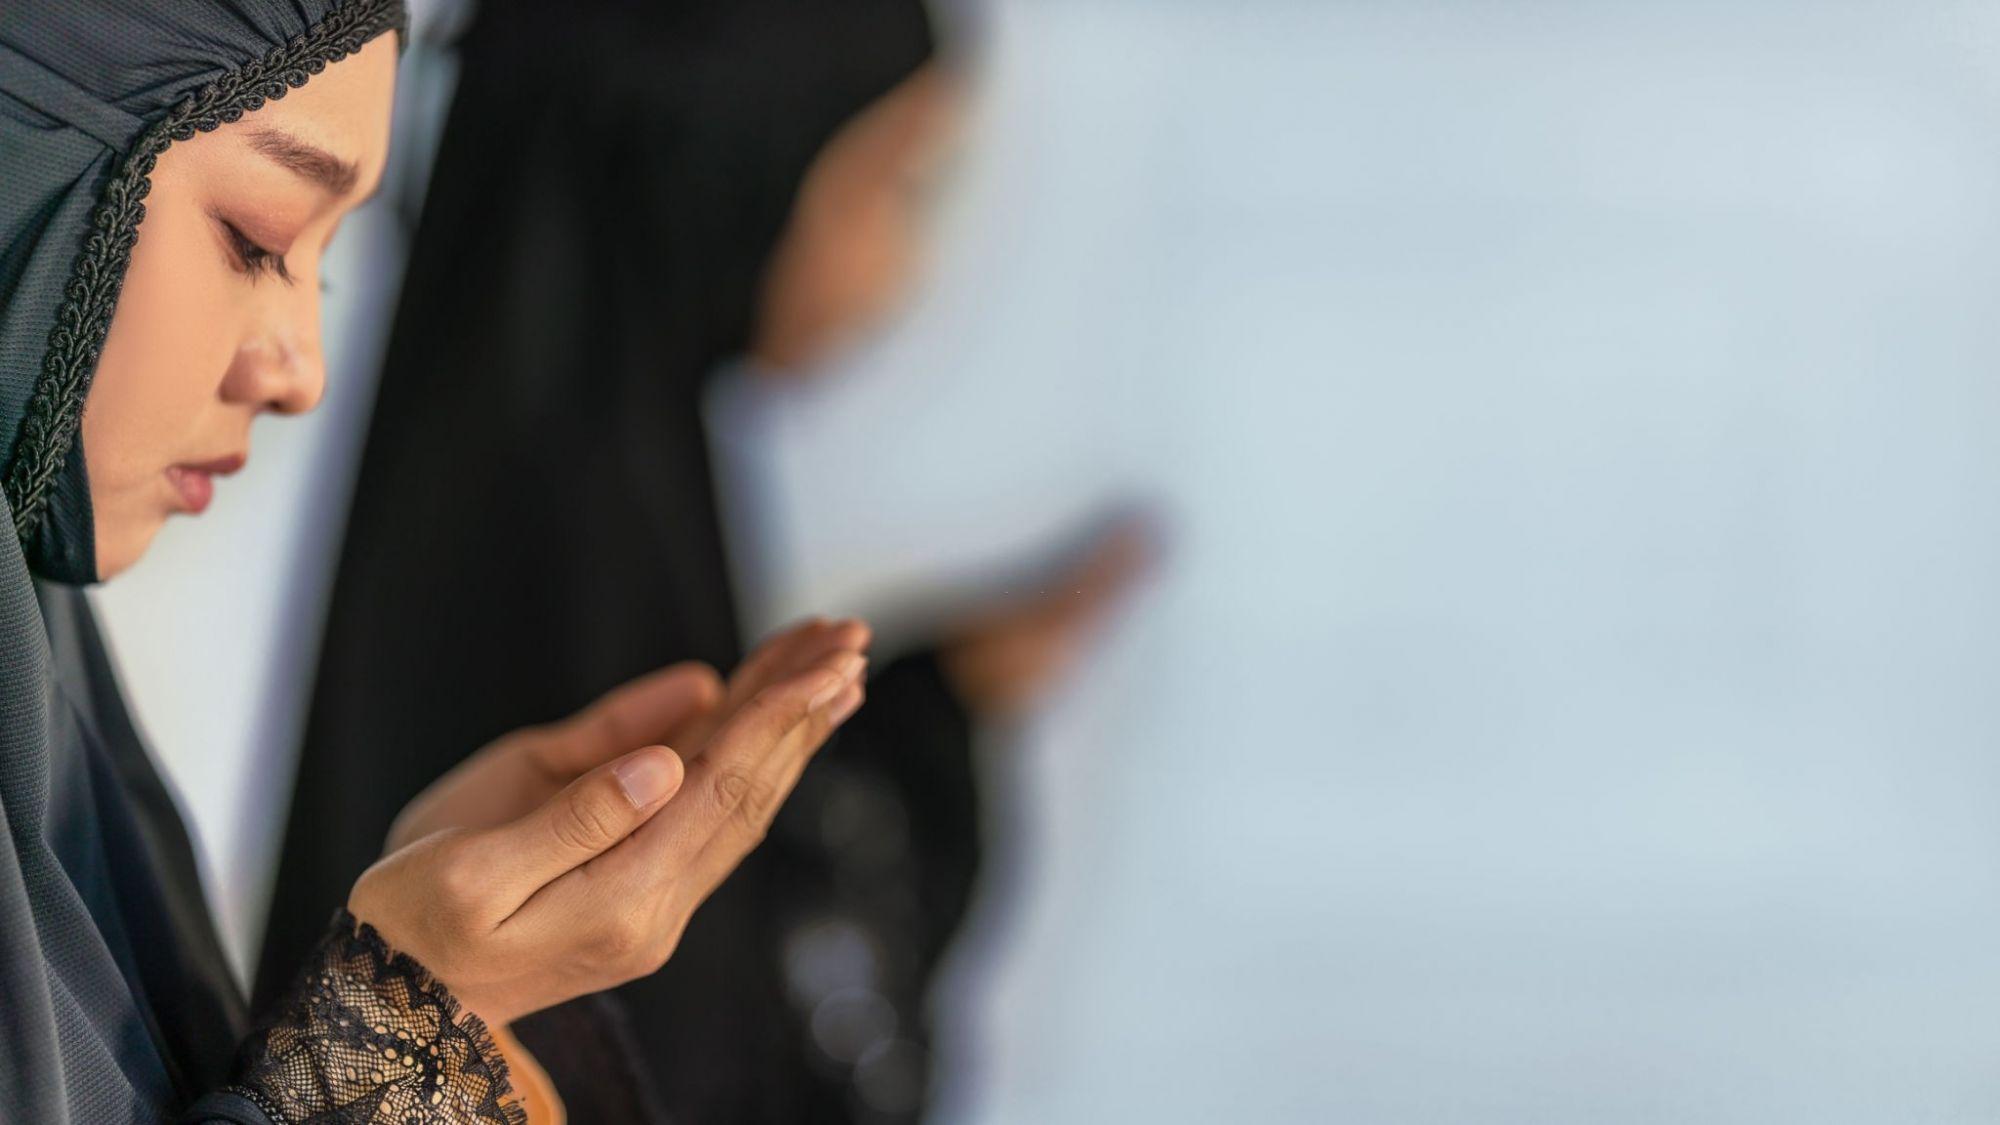 دعا برای سلامت مادر و جنین در دوران بارداری